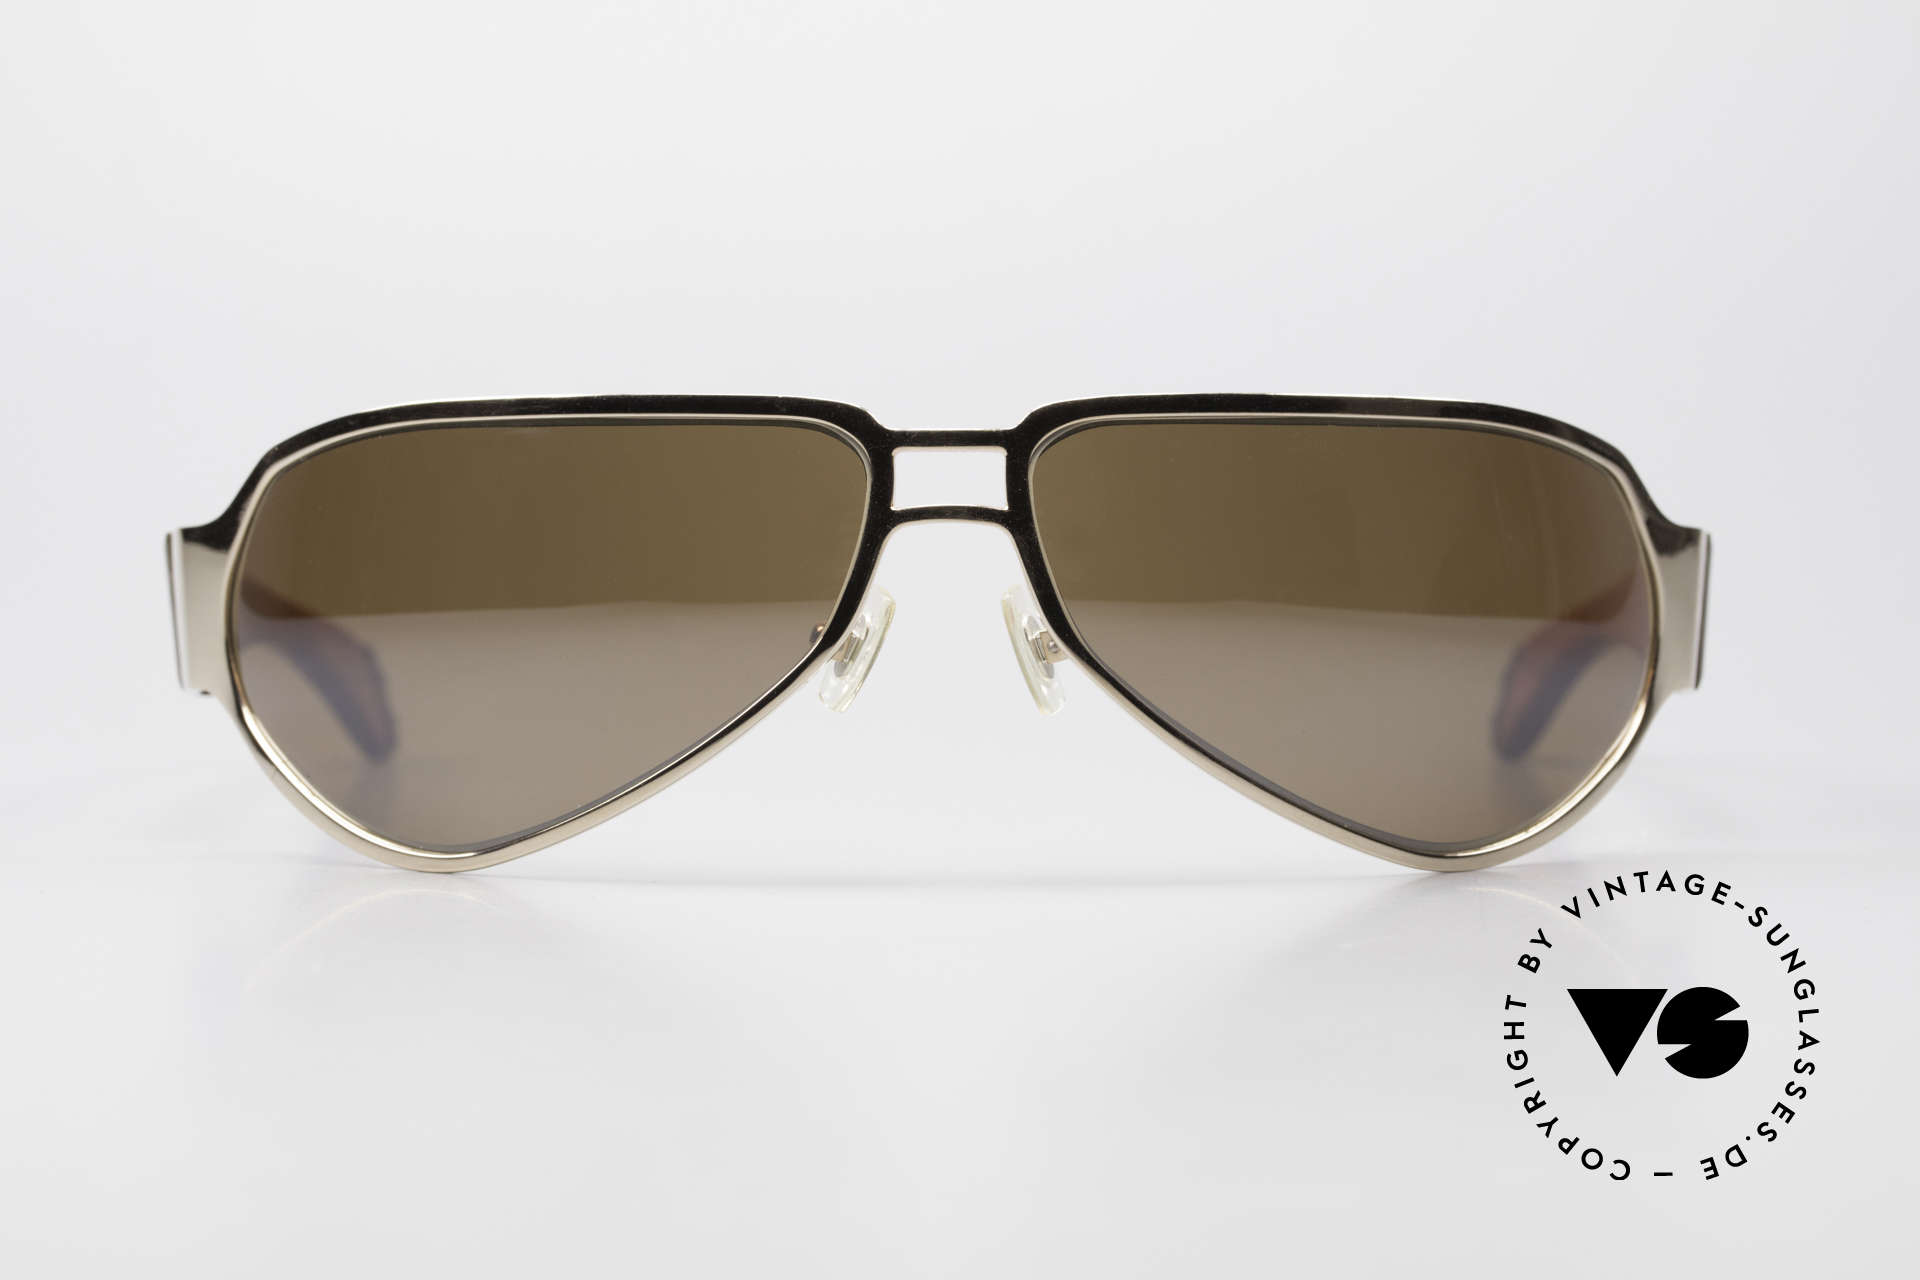 Chrome Hearts Shaft Luxus Herrenbrille Für Kenner, markante Luxus-Herrenbrille in Wrap-Design, Passend für Herren